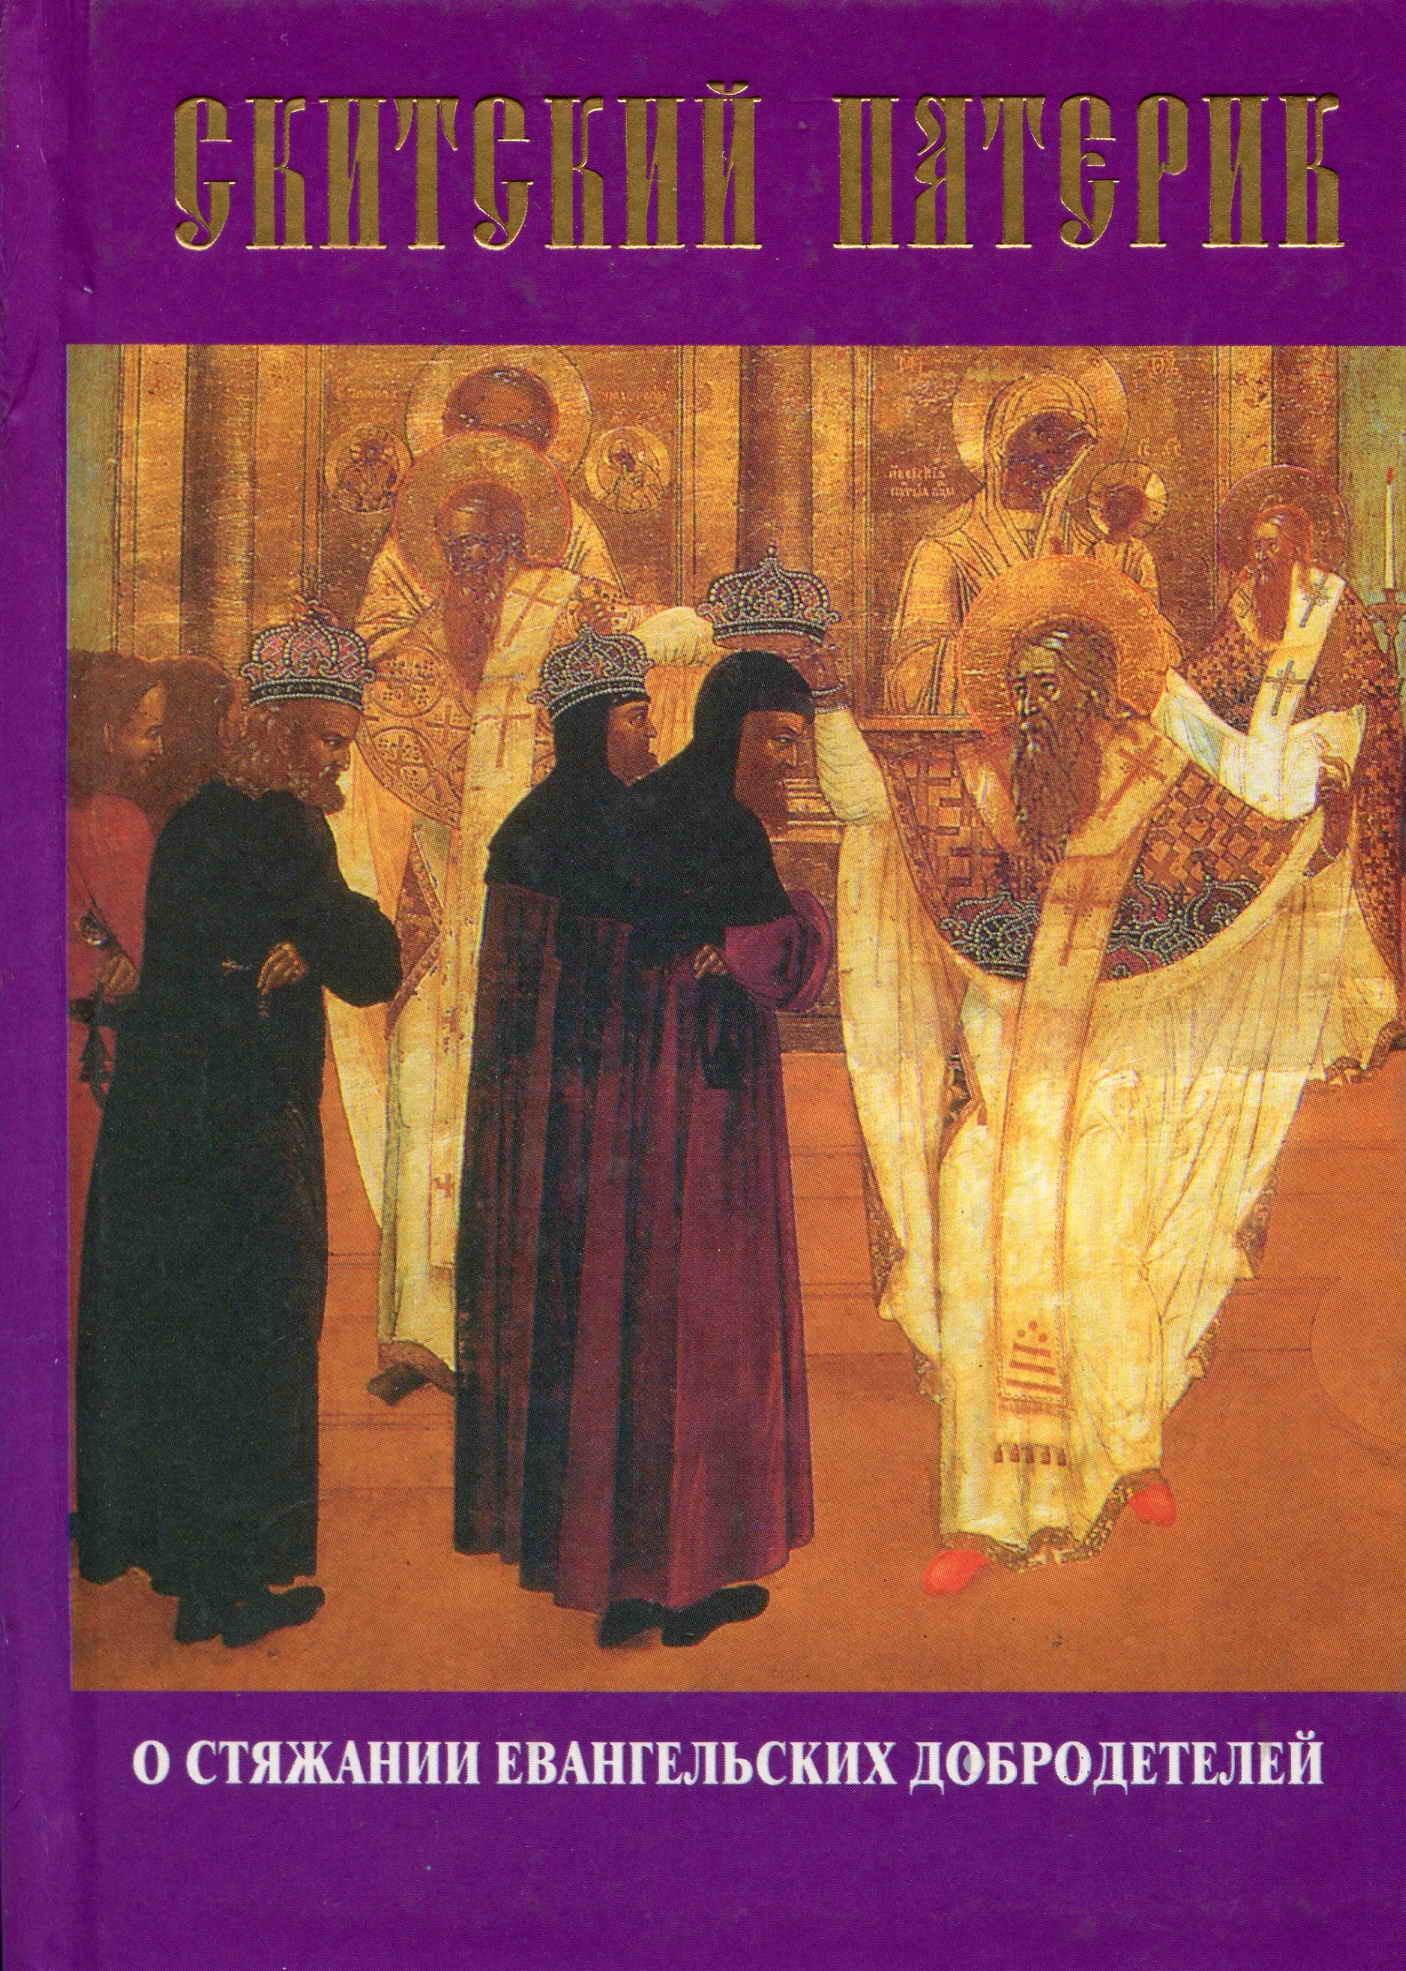 Сборник - Скитский патерик о стяжании евангельских добродетелей